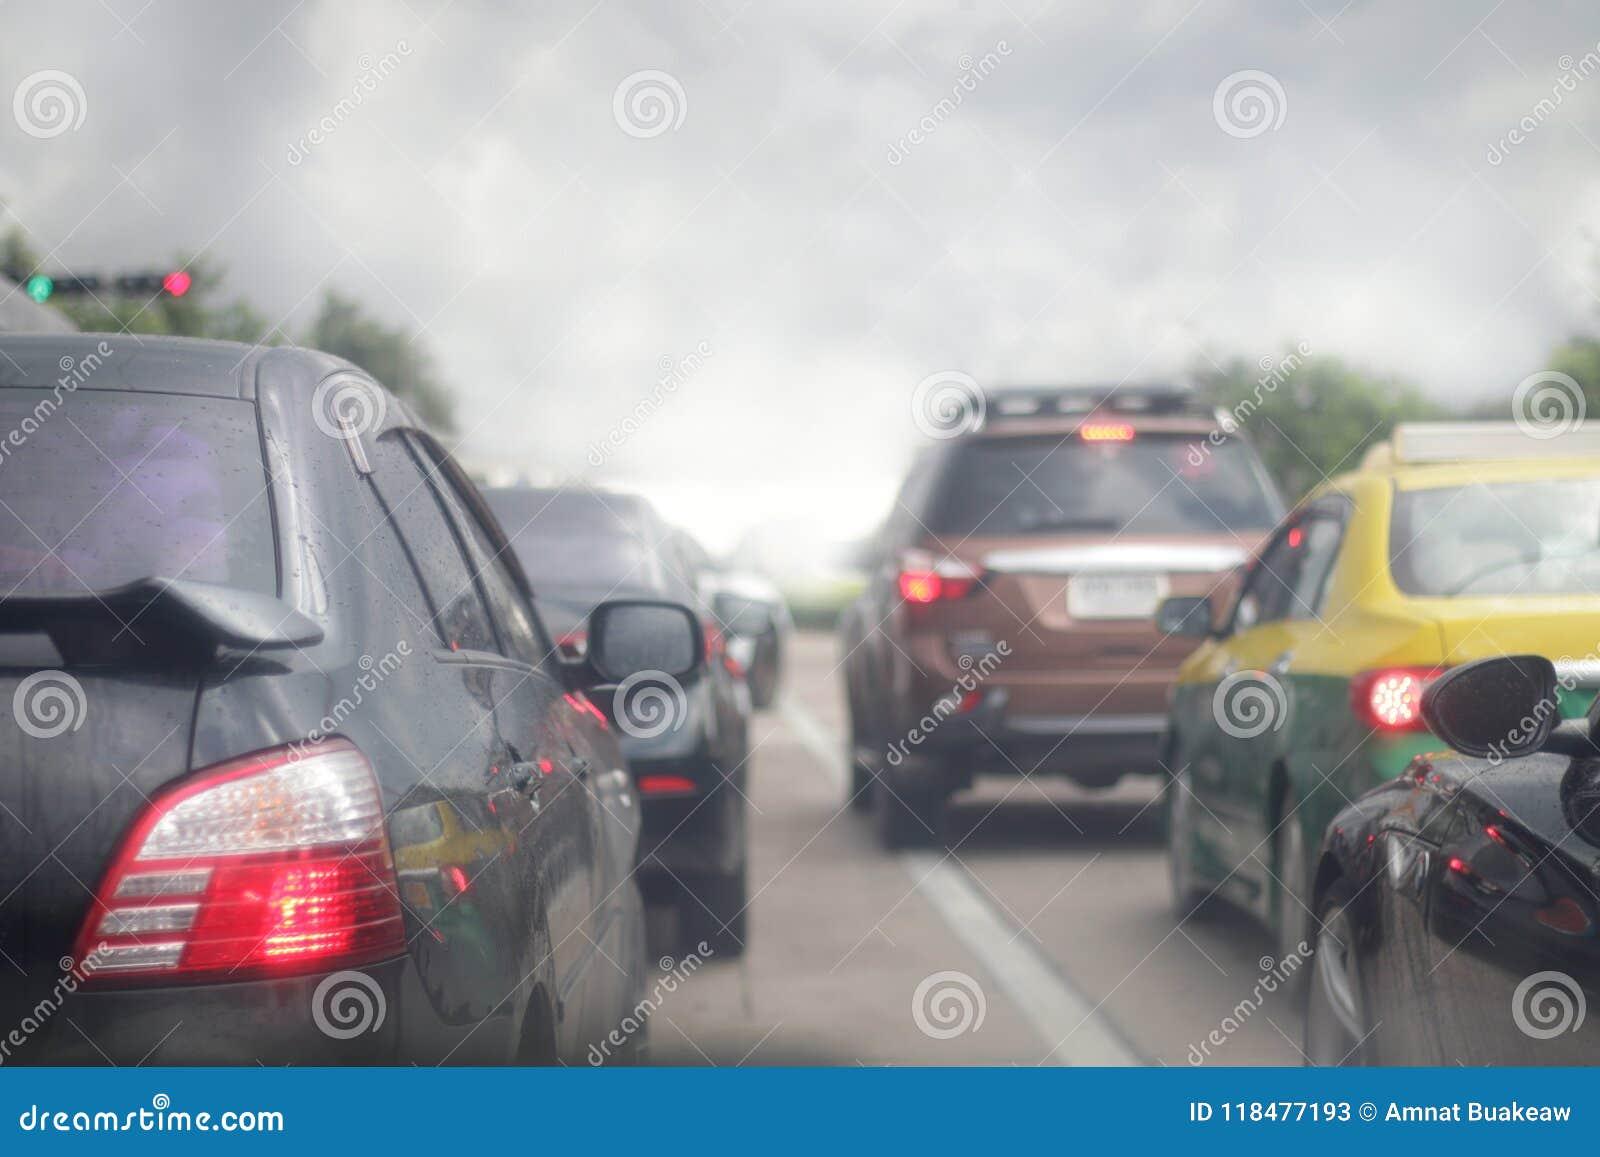 Ruchu drogowego dżem samochody, smogu zanieczyszczenie na drodze, plama obrazek